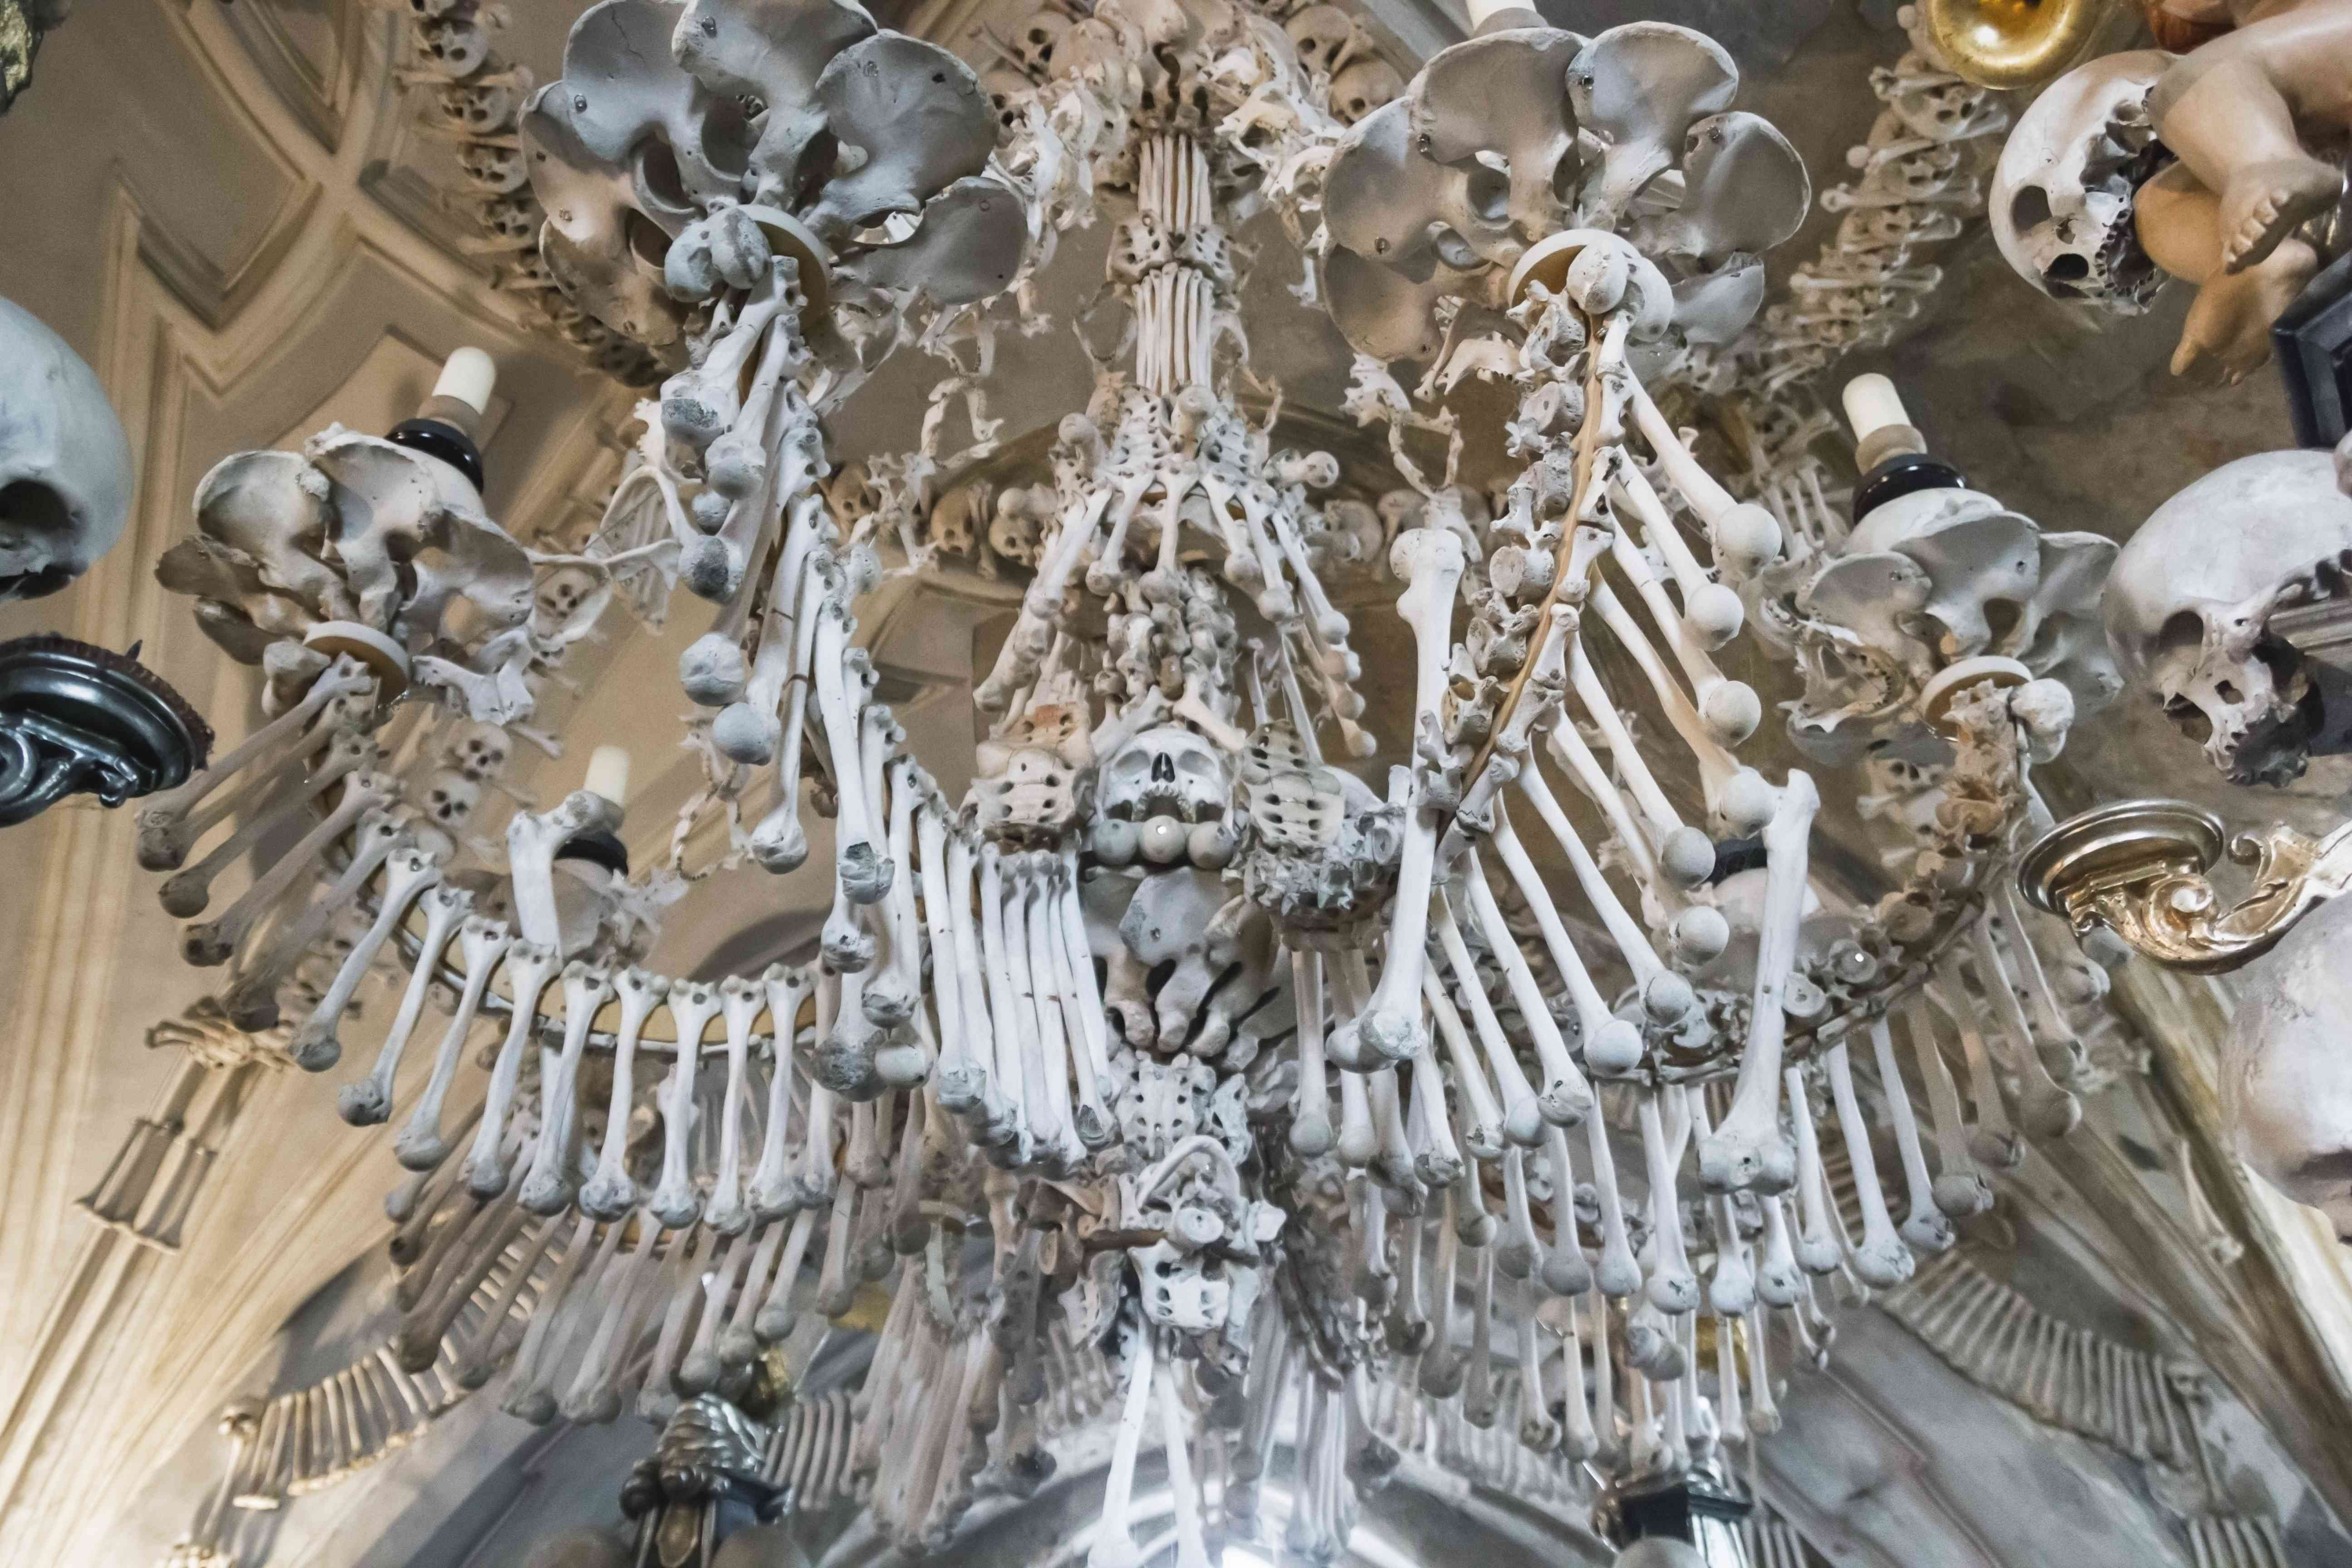 Iglesia Kostnice en Kutna Hora con decoración interior del osario de huesos y cráneos humanos